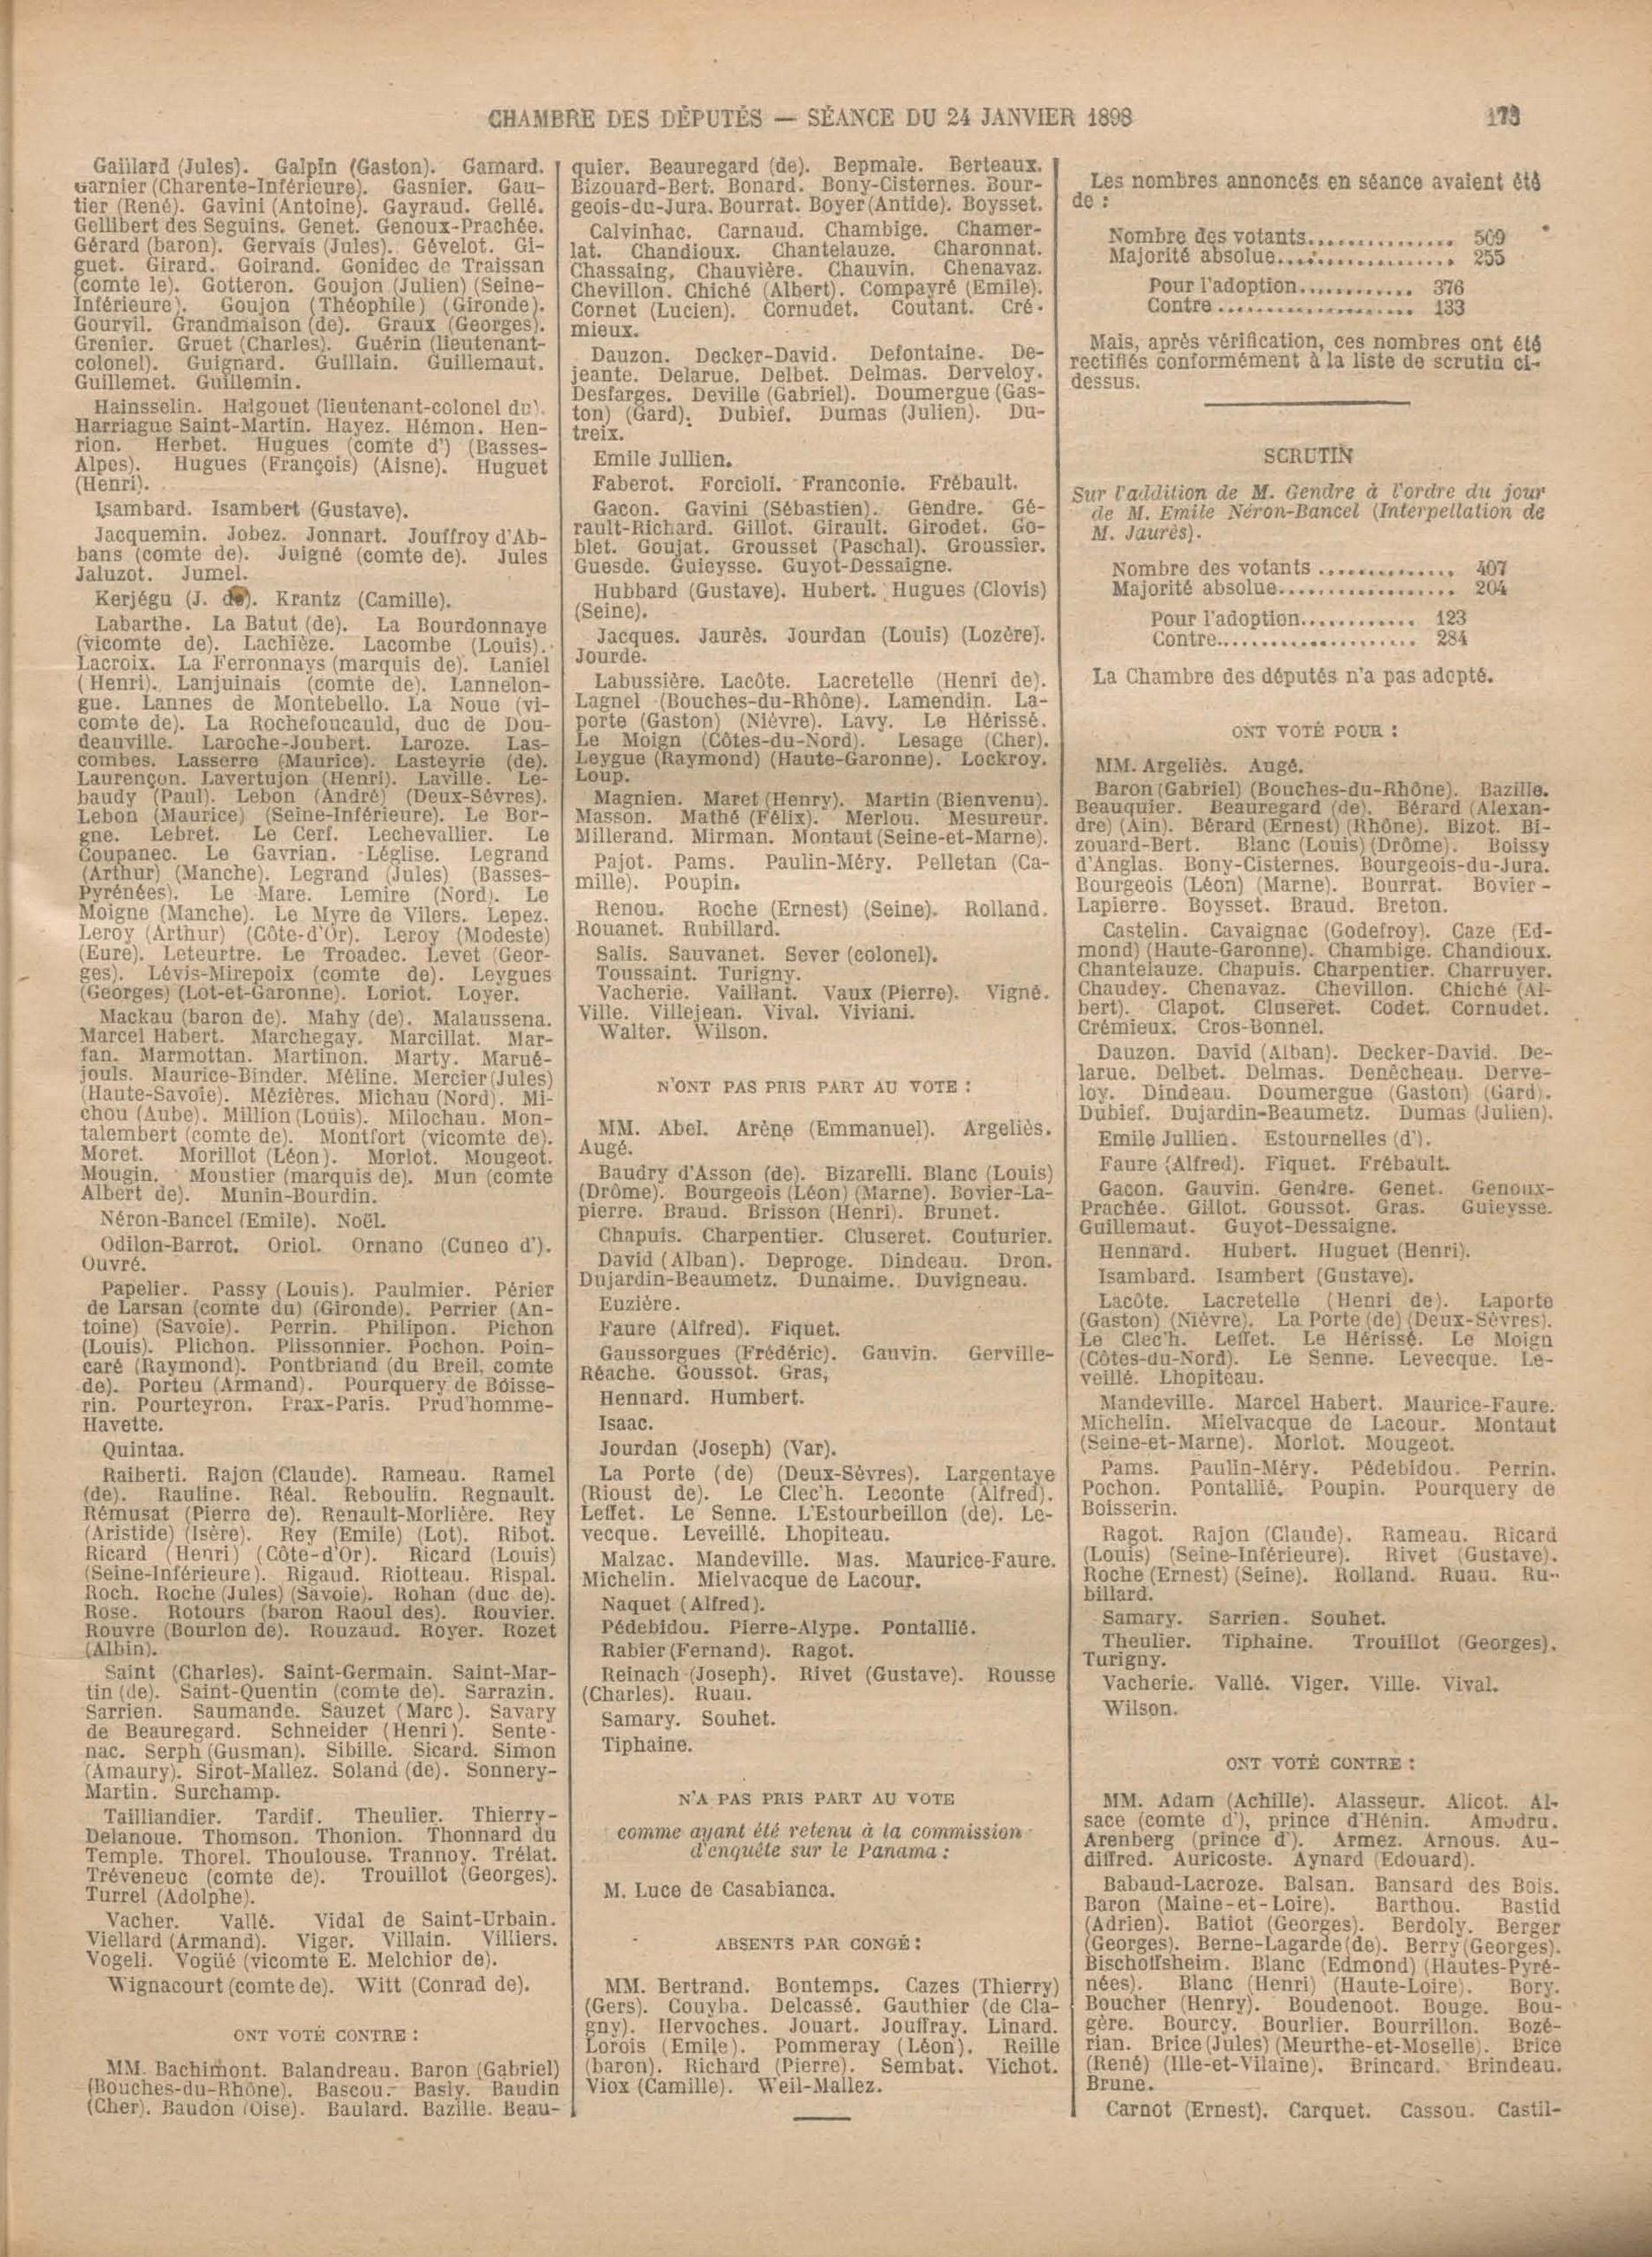 http://expo-paulviollet.univ-paris1.fr/wp-content/uploads/2017/09/Journal_officiel_de_la_République_séance-du-lundi-24-janvier-1898_Page_13.jpg